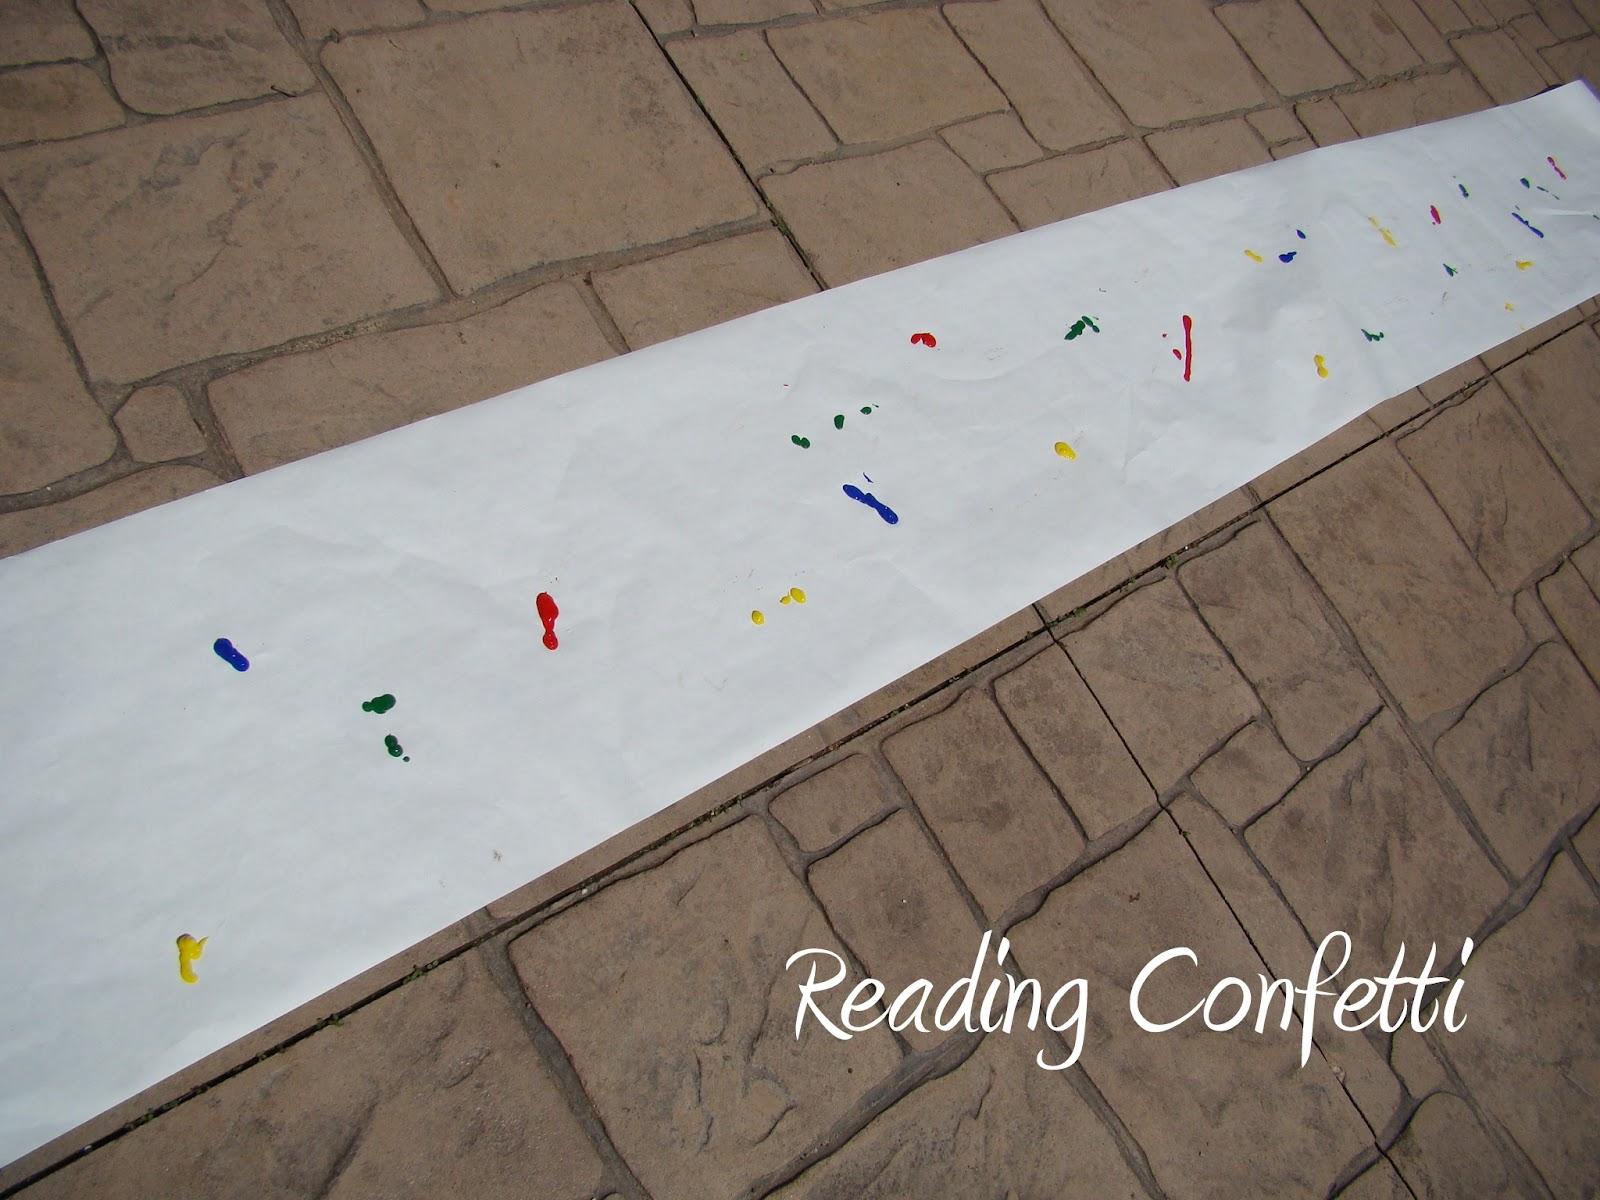 http://1.bp.blogspot.com/-sREeJ5RT5HE/T43LZtmCewI/AAAAAAAABp8/dBGhWcCeos8/s1600/fly+swatter+painting+2.jpg